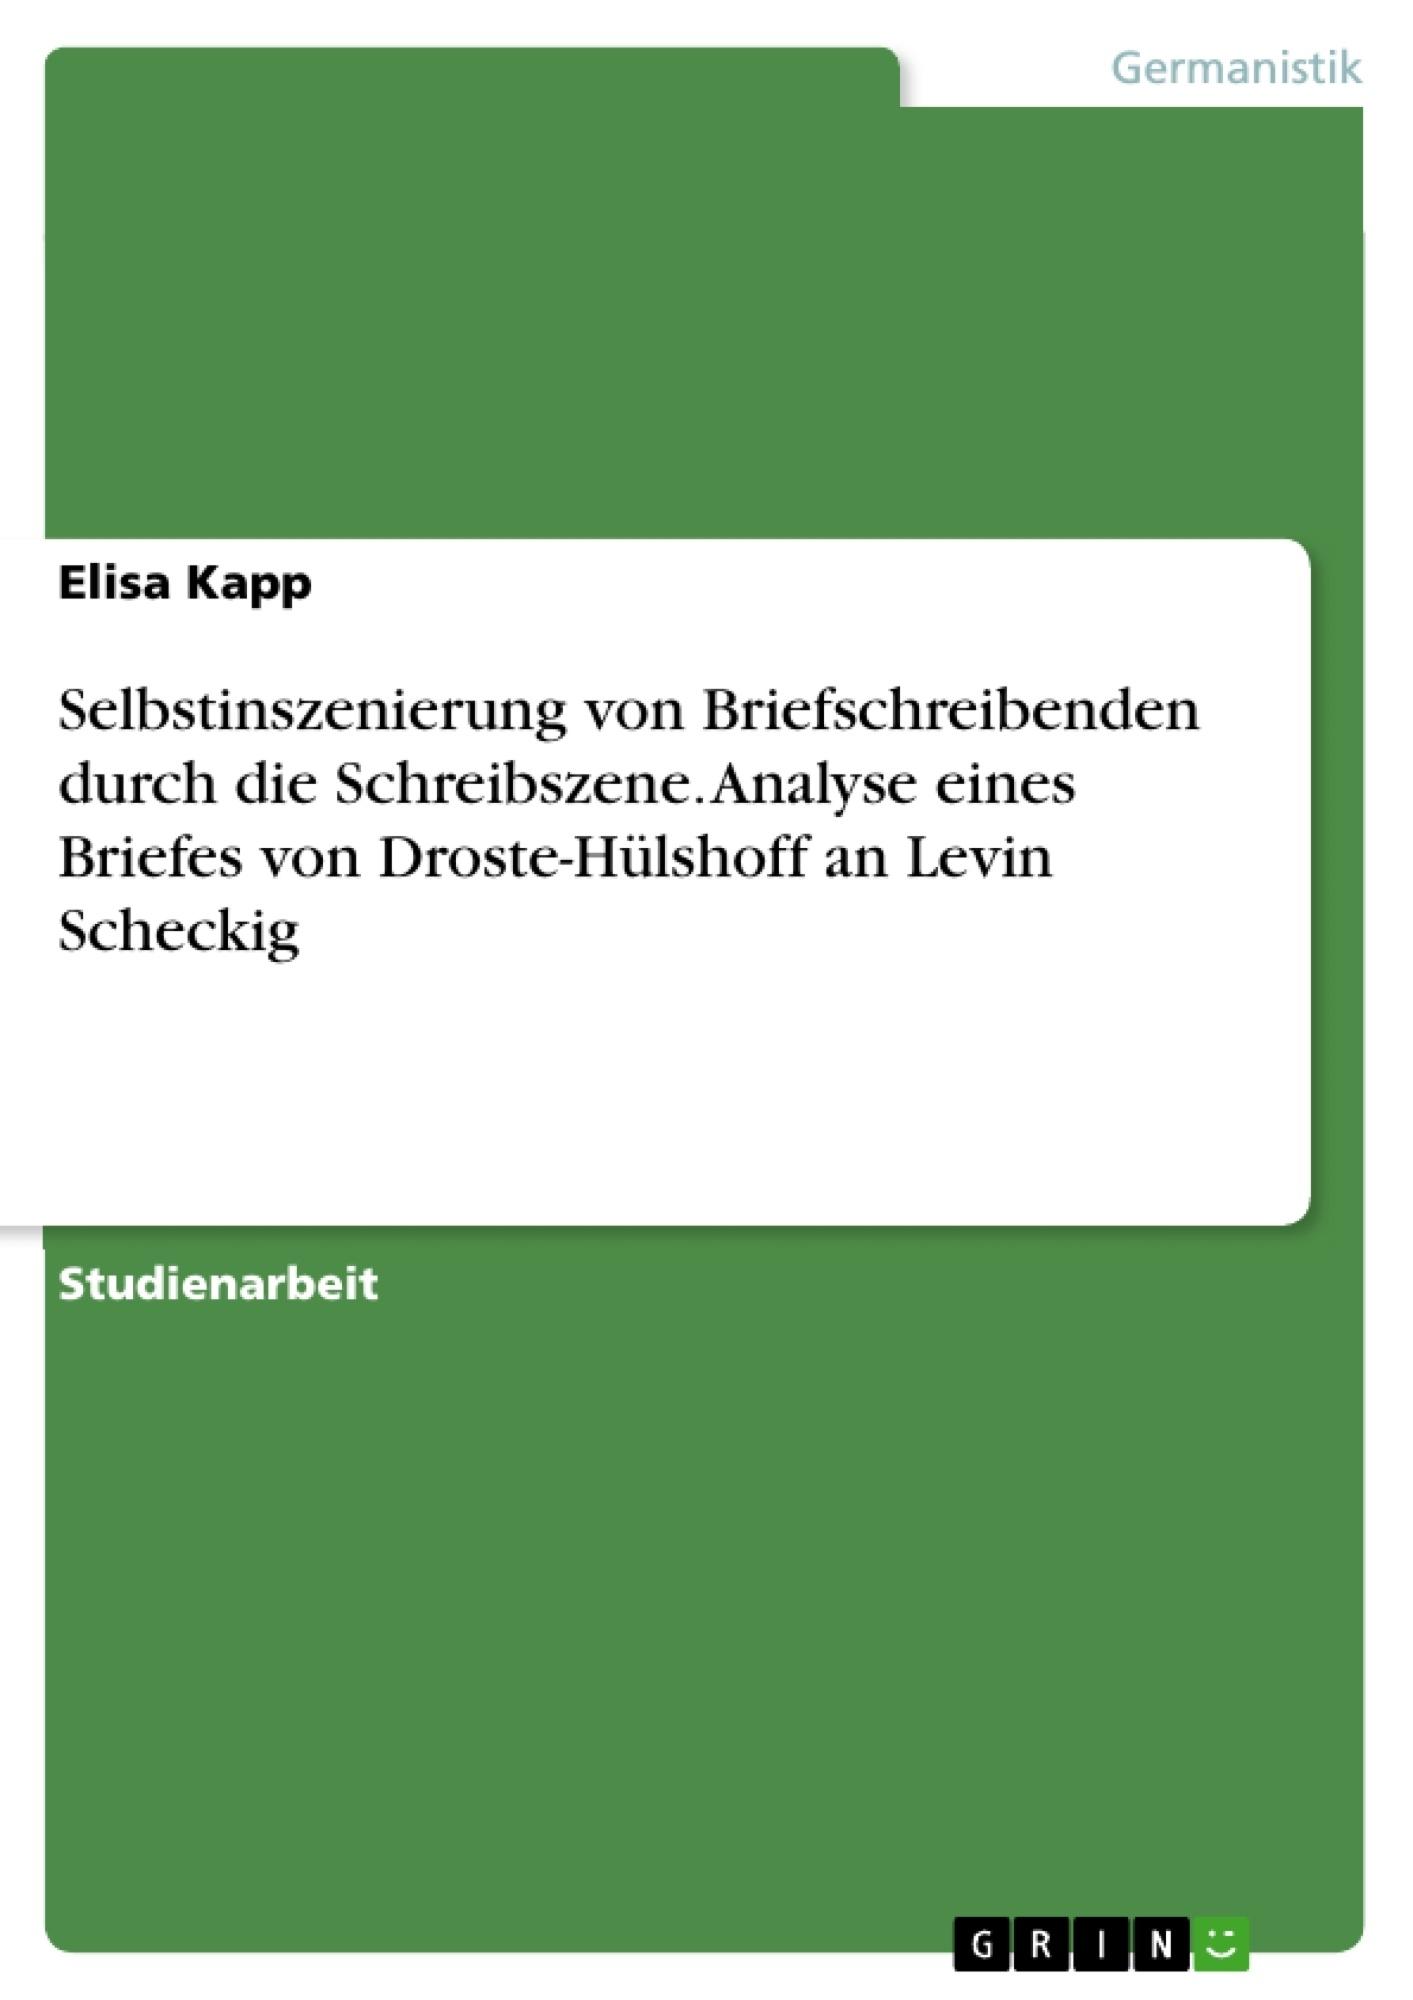 Titel: Selbstinszenierung von Briefschreibenden durch die Schreibszene. Analyse eines Briefes von Droste-Hülshoff an Levin Scheckig